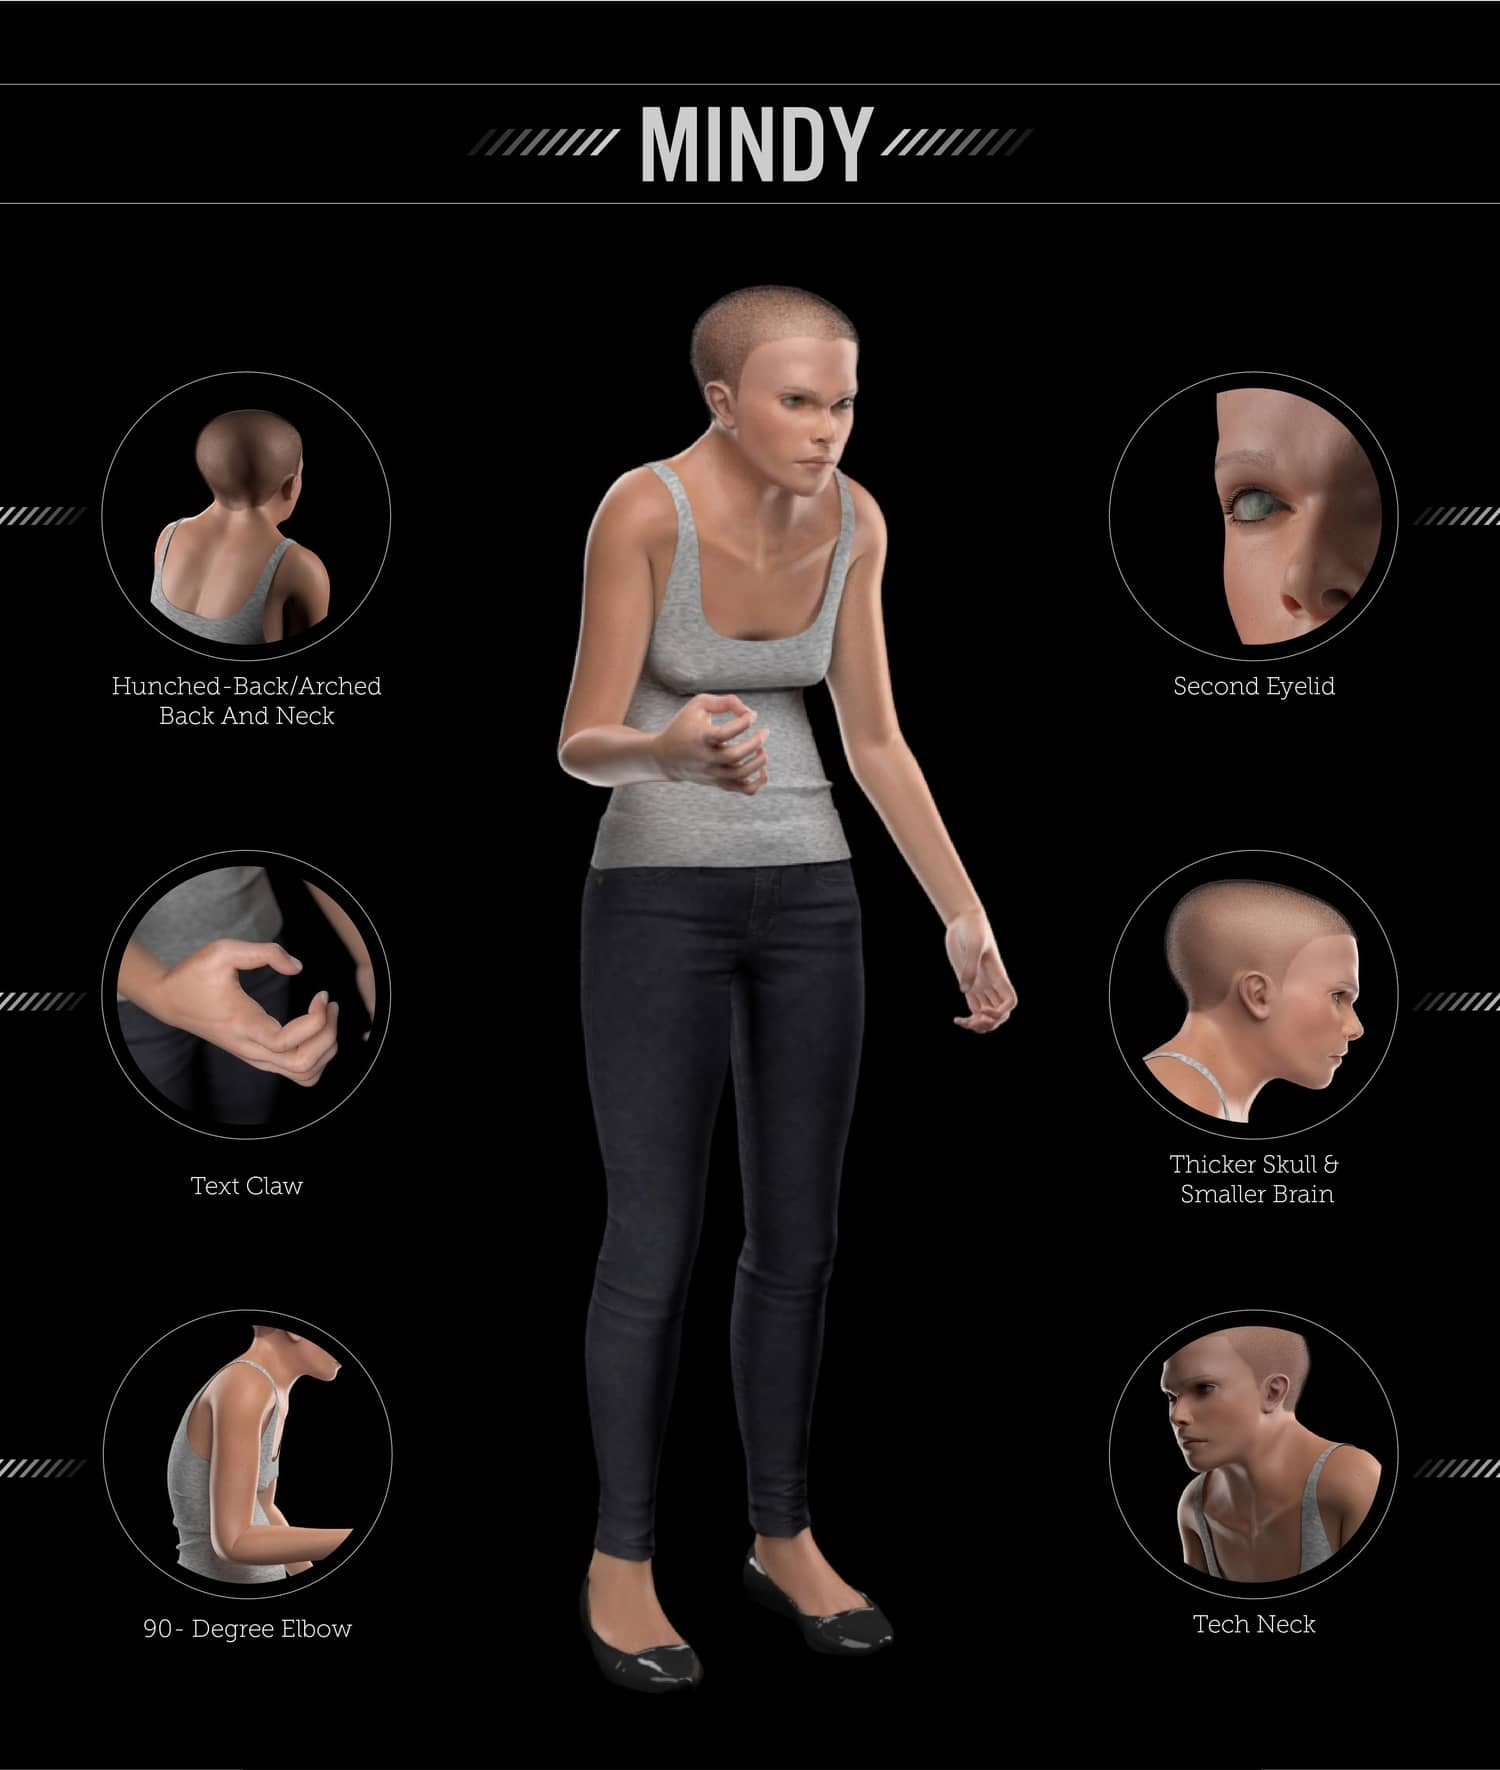 L'essere umano del futuro: come la tecnologia cambierà il nostro corpo